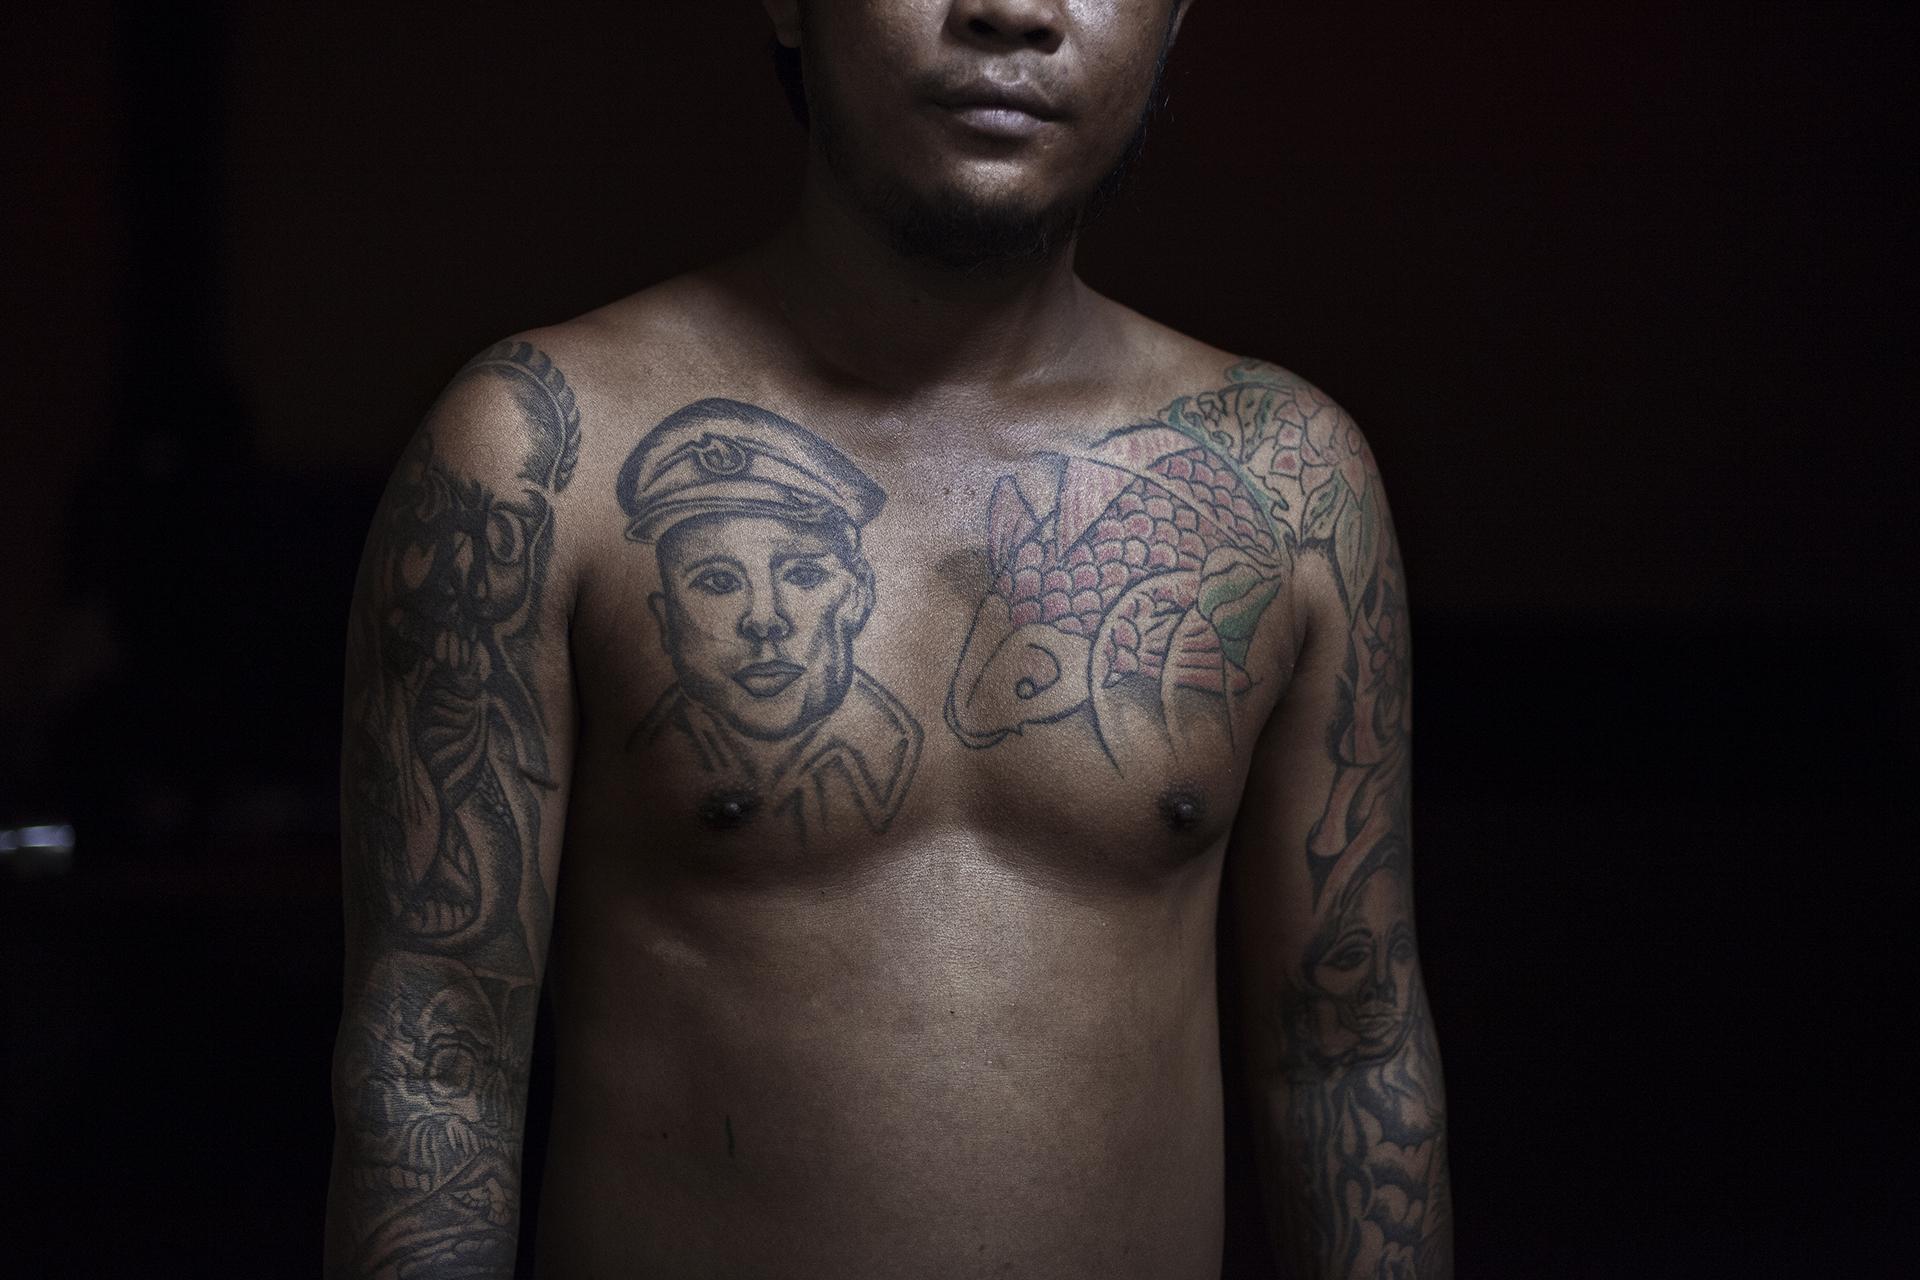 Un mac birman prend la pose dans le bordel qu'il gère pour le compte d'un Thaïlandais. Sur son torse est tatoué le portrait du général Aung San, le père de Aung San Suu Kyi. Grand artisan de l'indépendance, ce dernier a été assassiné le 19 juillet 1947. Il est une figure emblématique pour les Birmans.Mae Sot, Thaïlande, octobre 2014